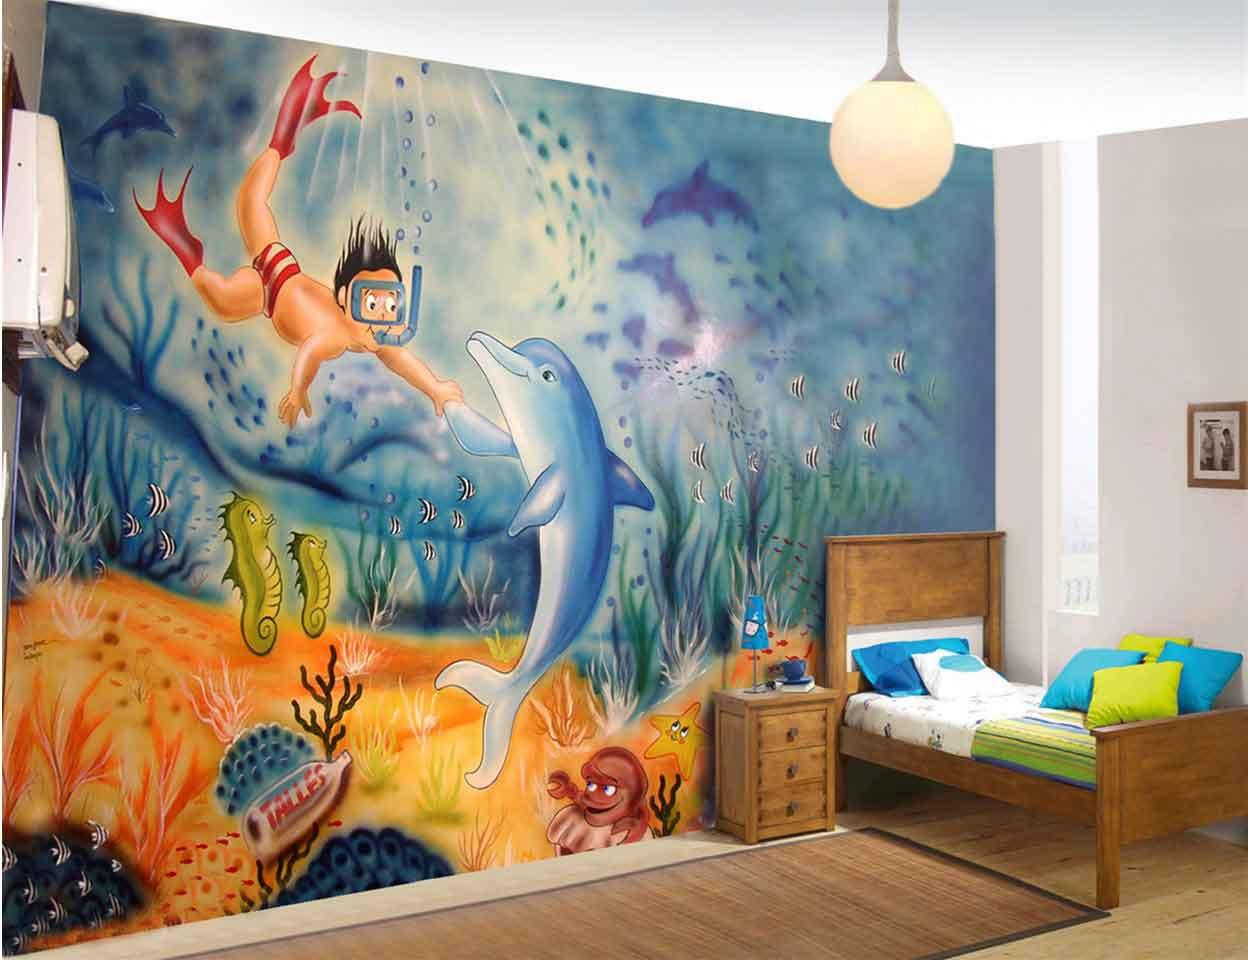 Grafite em parede pintura em parede 21 3606 1760 - Pintura infantil pared ...